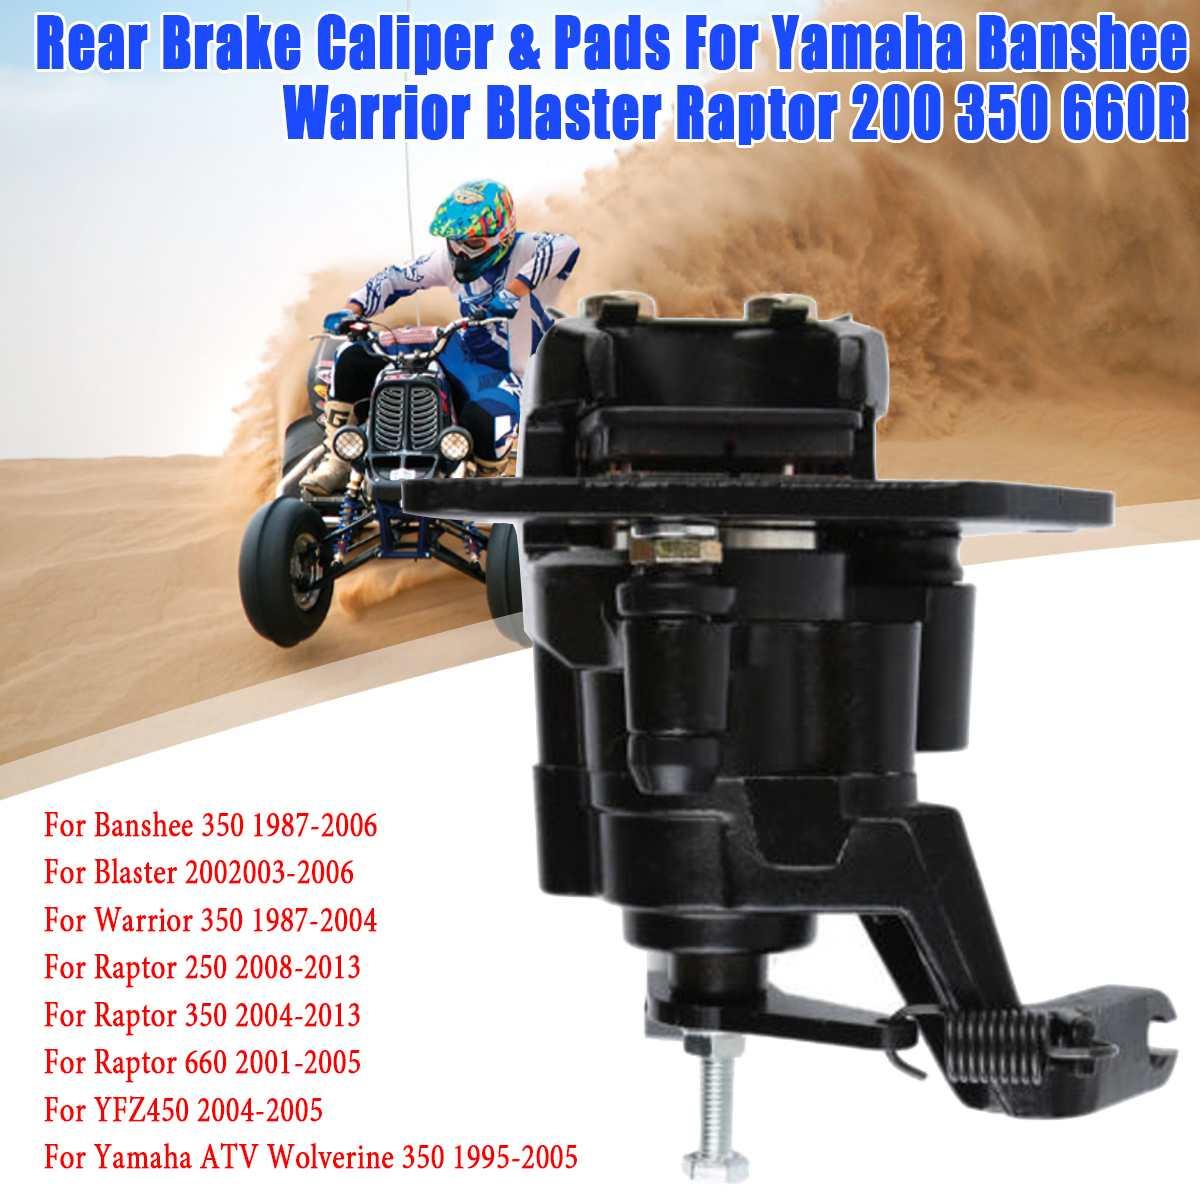 REAR BRAKE CALIPER FOR YAMAHA BANSHEE 350 1987-2006 RAPTOR 660  2001-2005